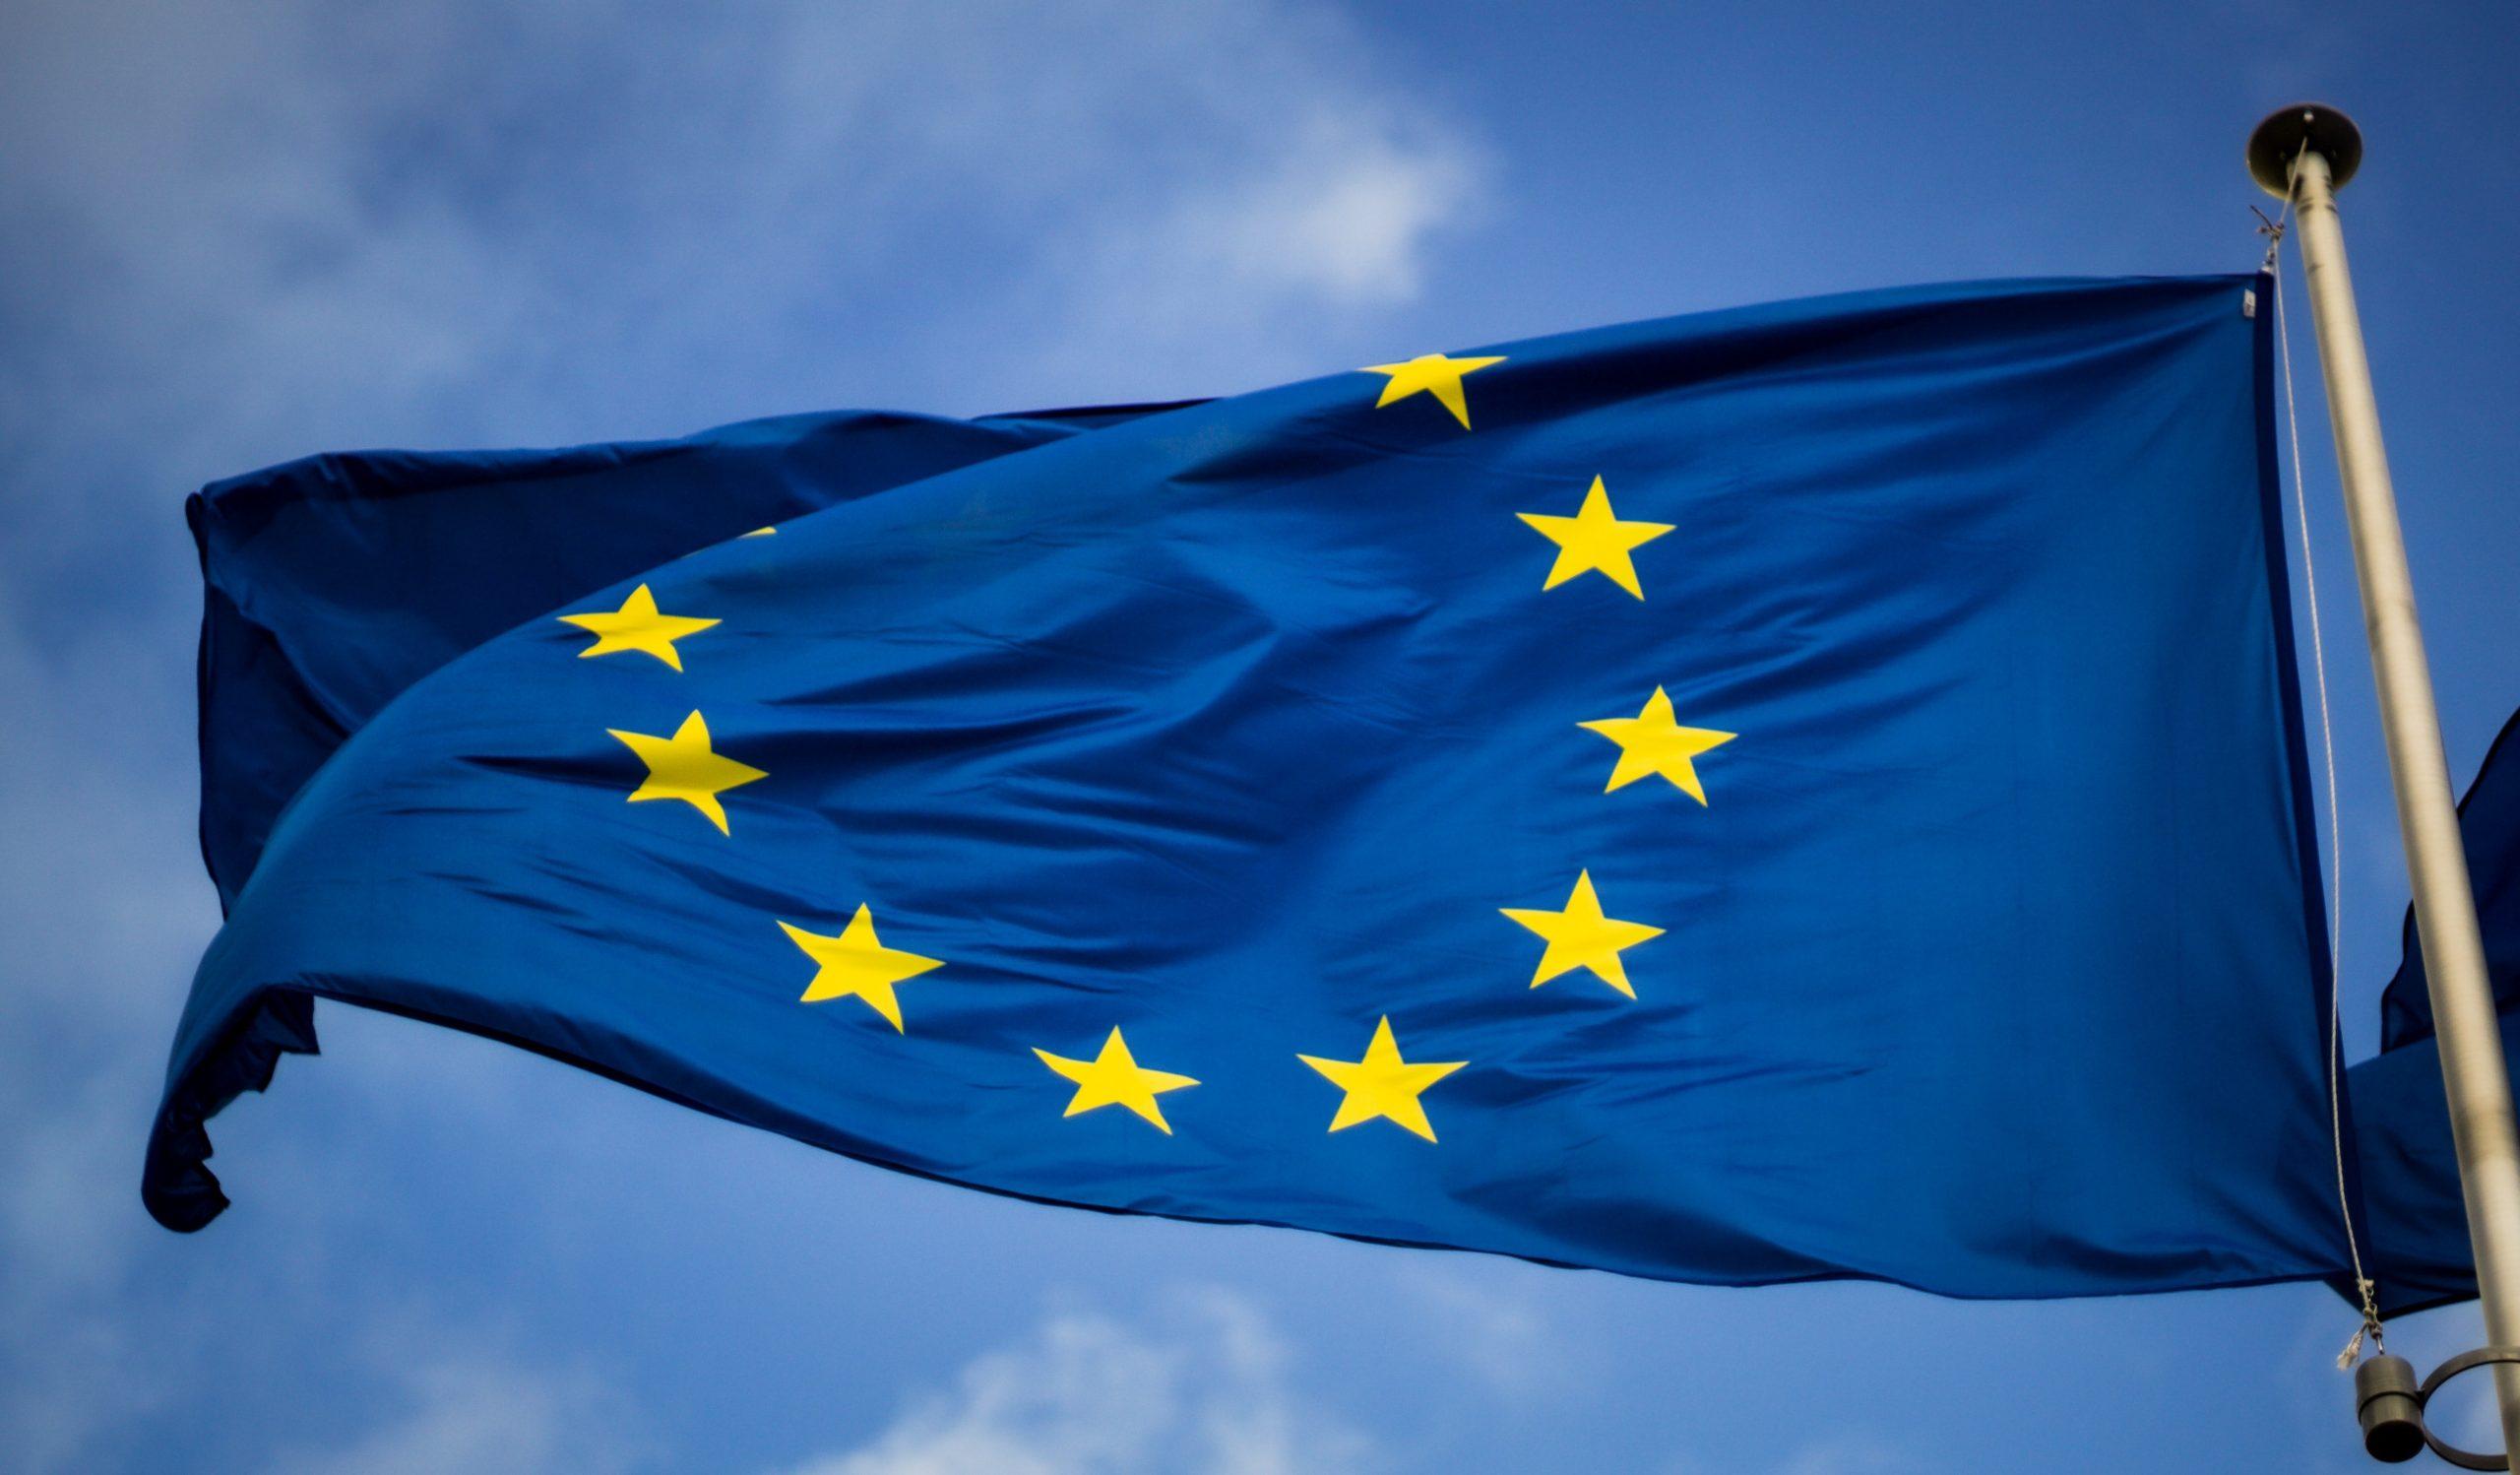 EU:s program för internationell samarbete gällande utbildning